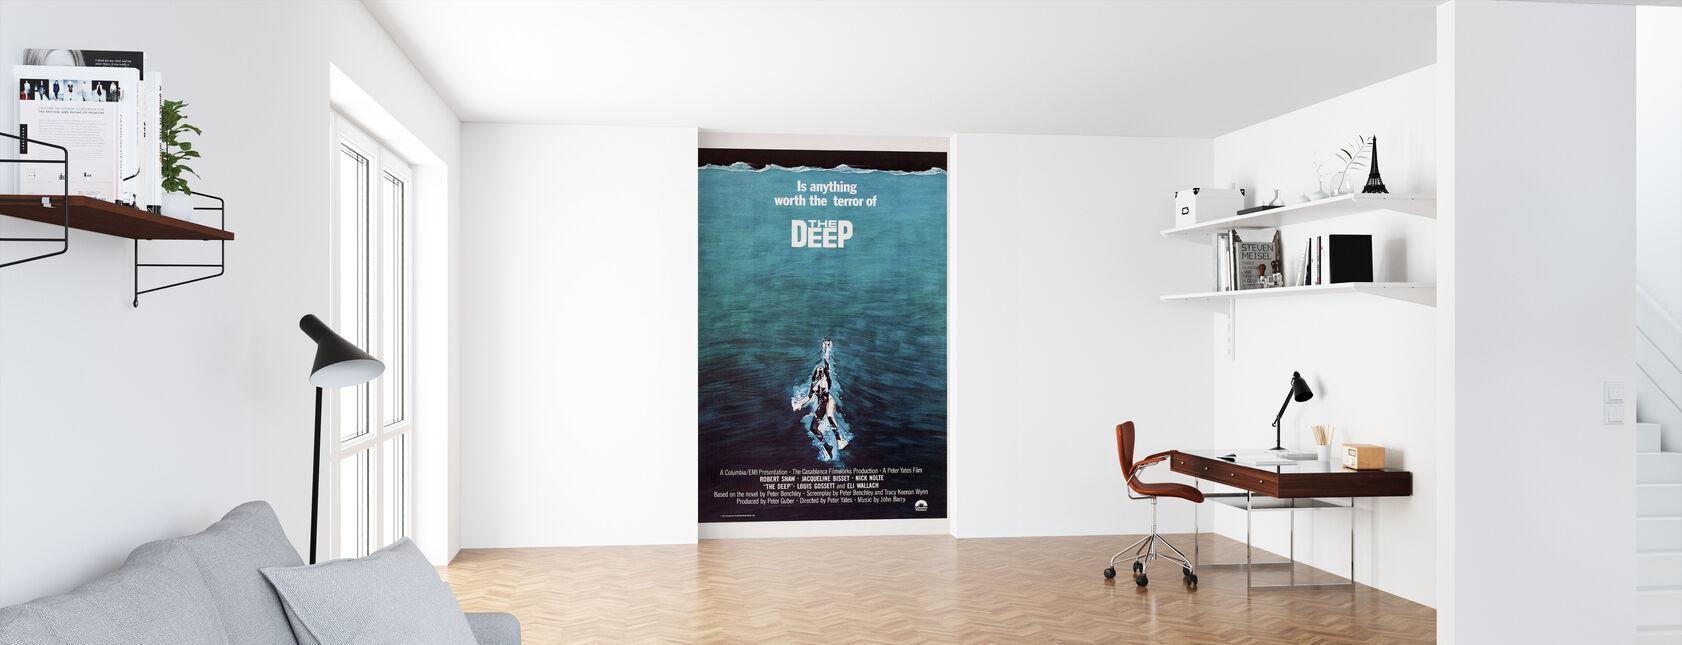 Film plakat Terror af den dybe - Tapet - Kontor